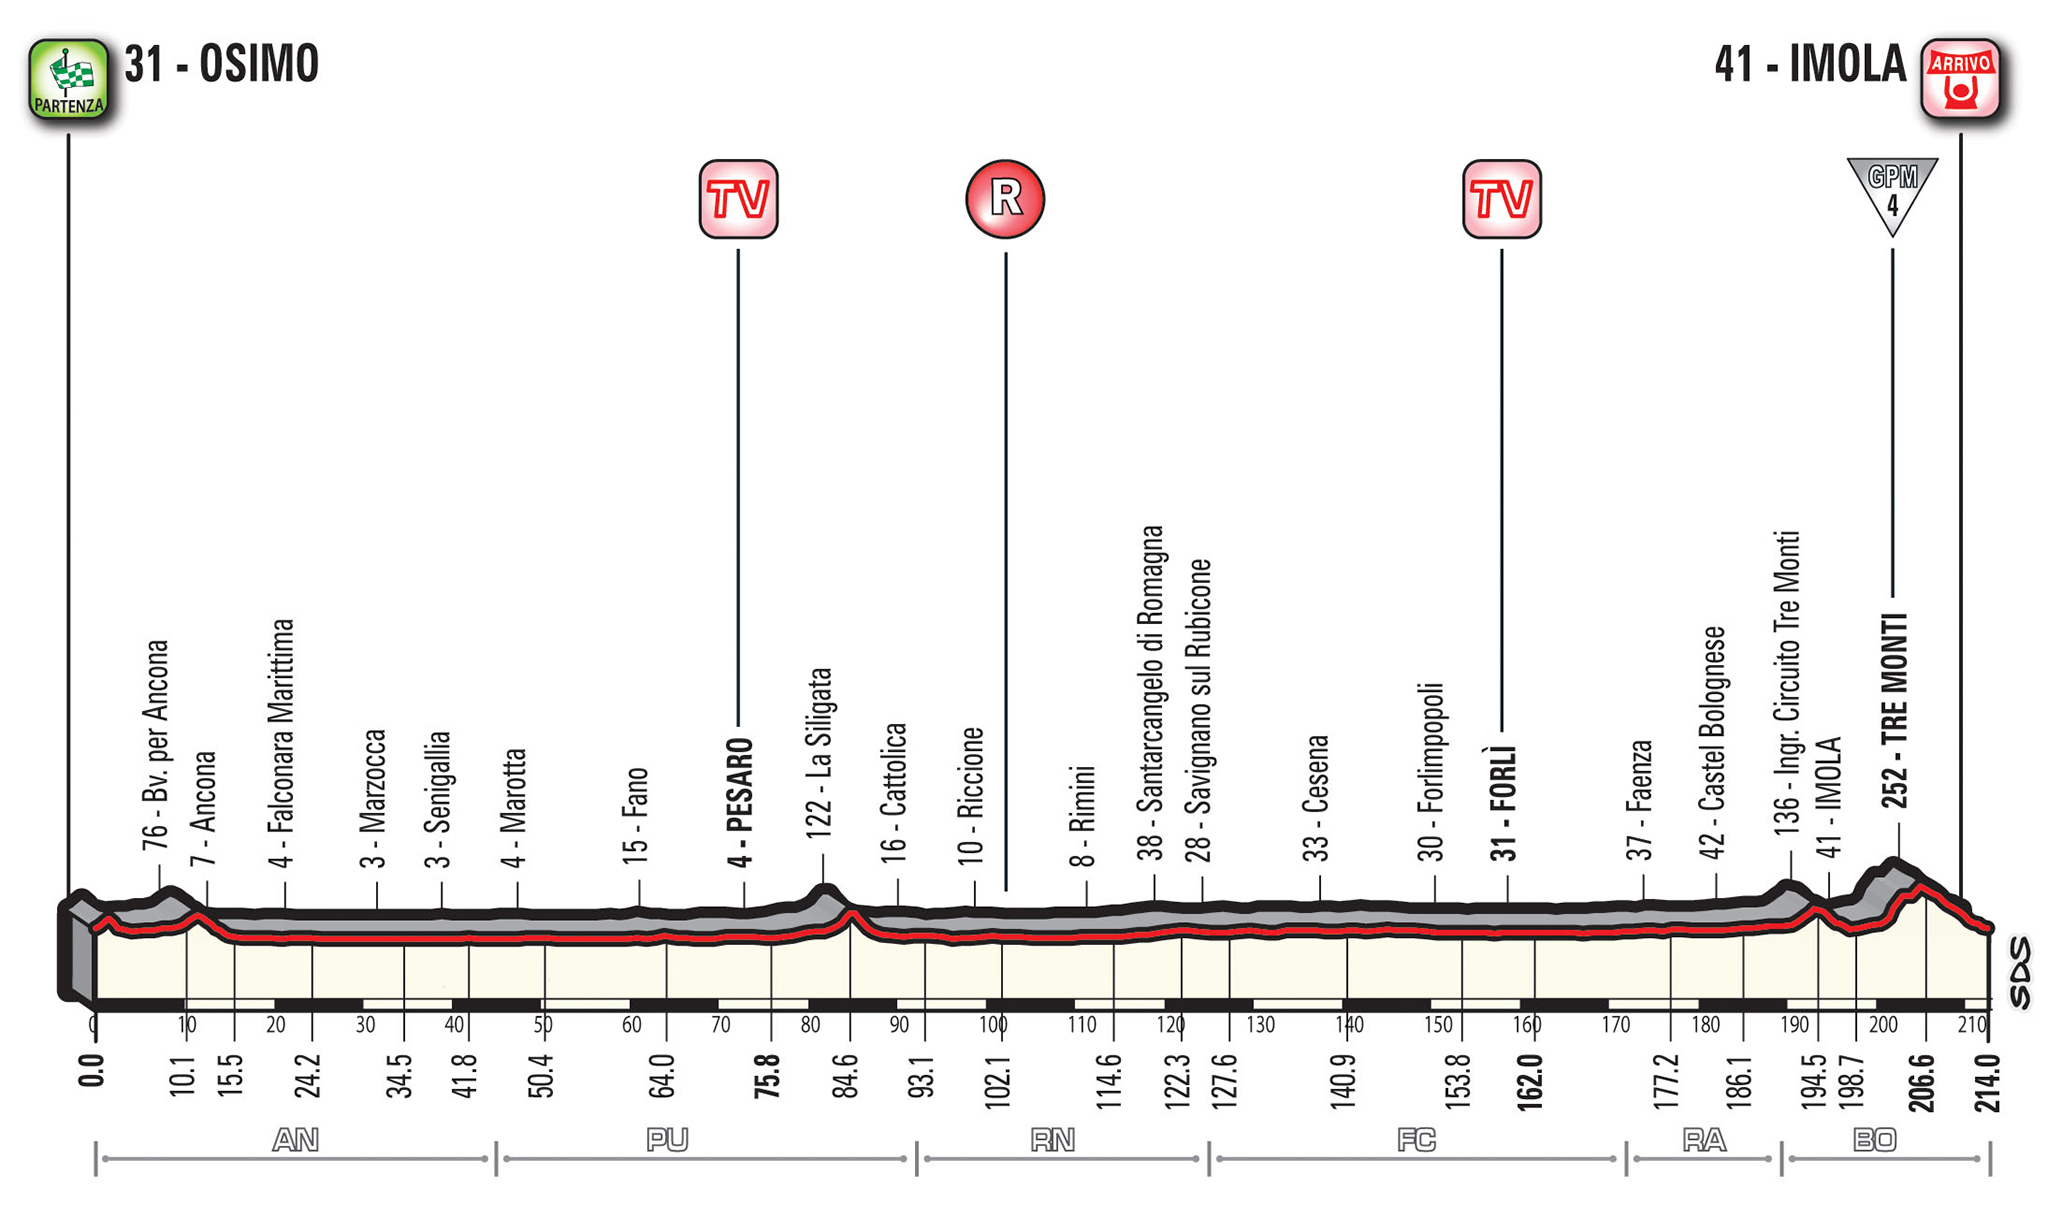 12e etappe Giro d'Italia 2018